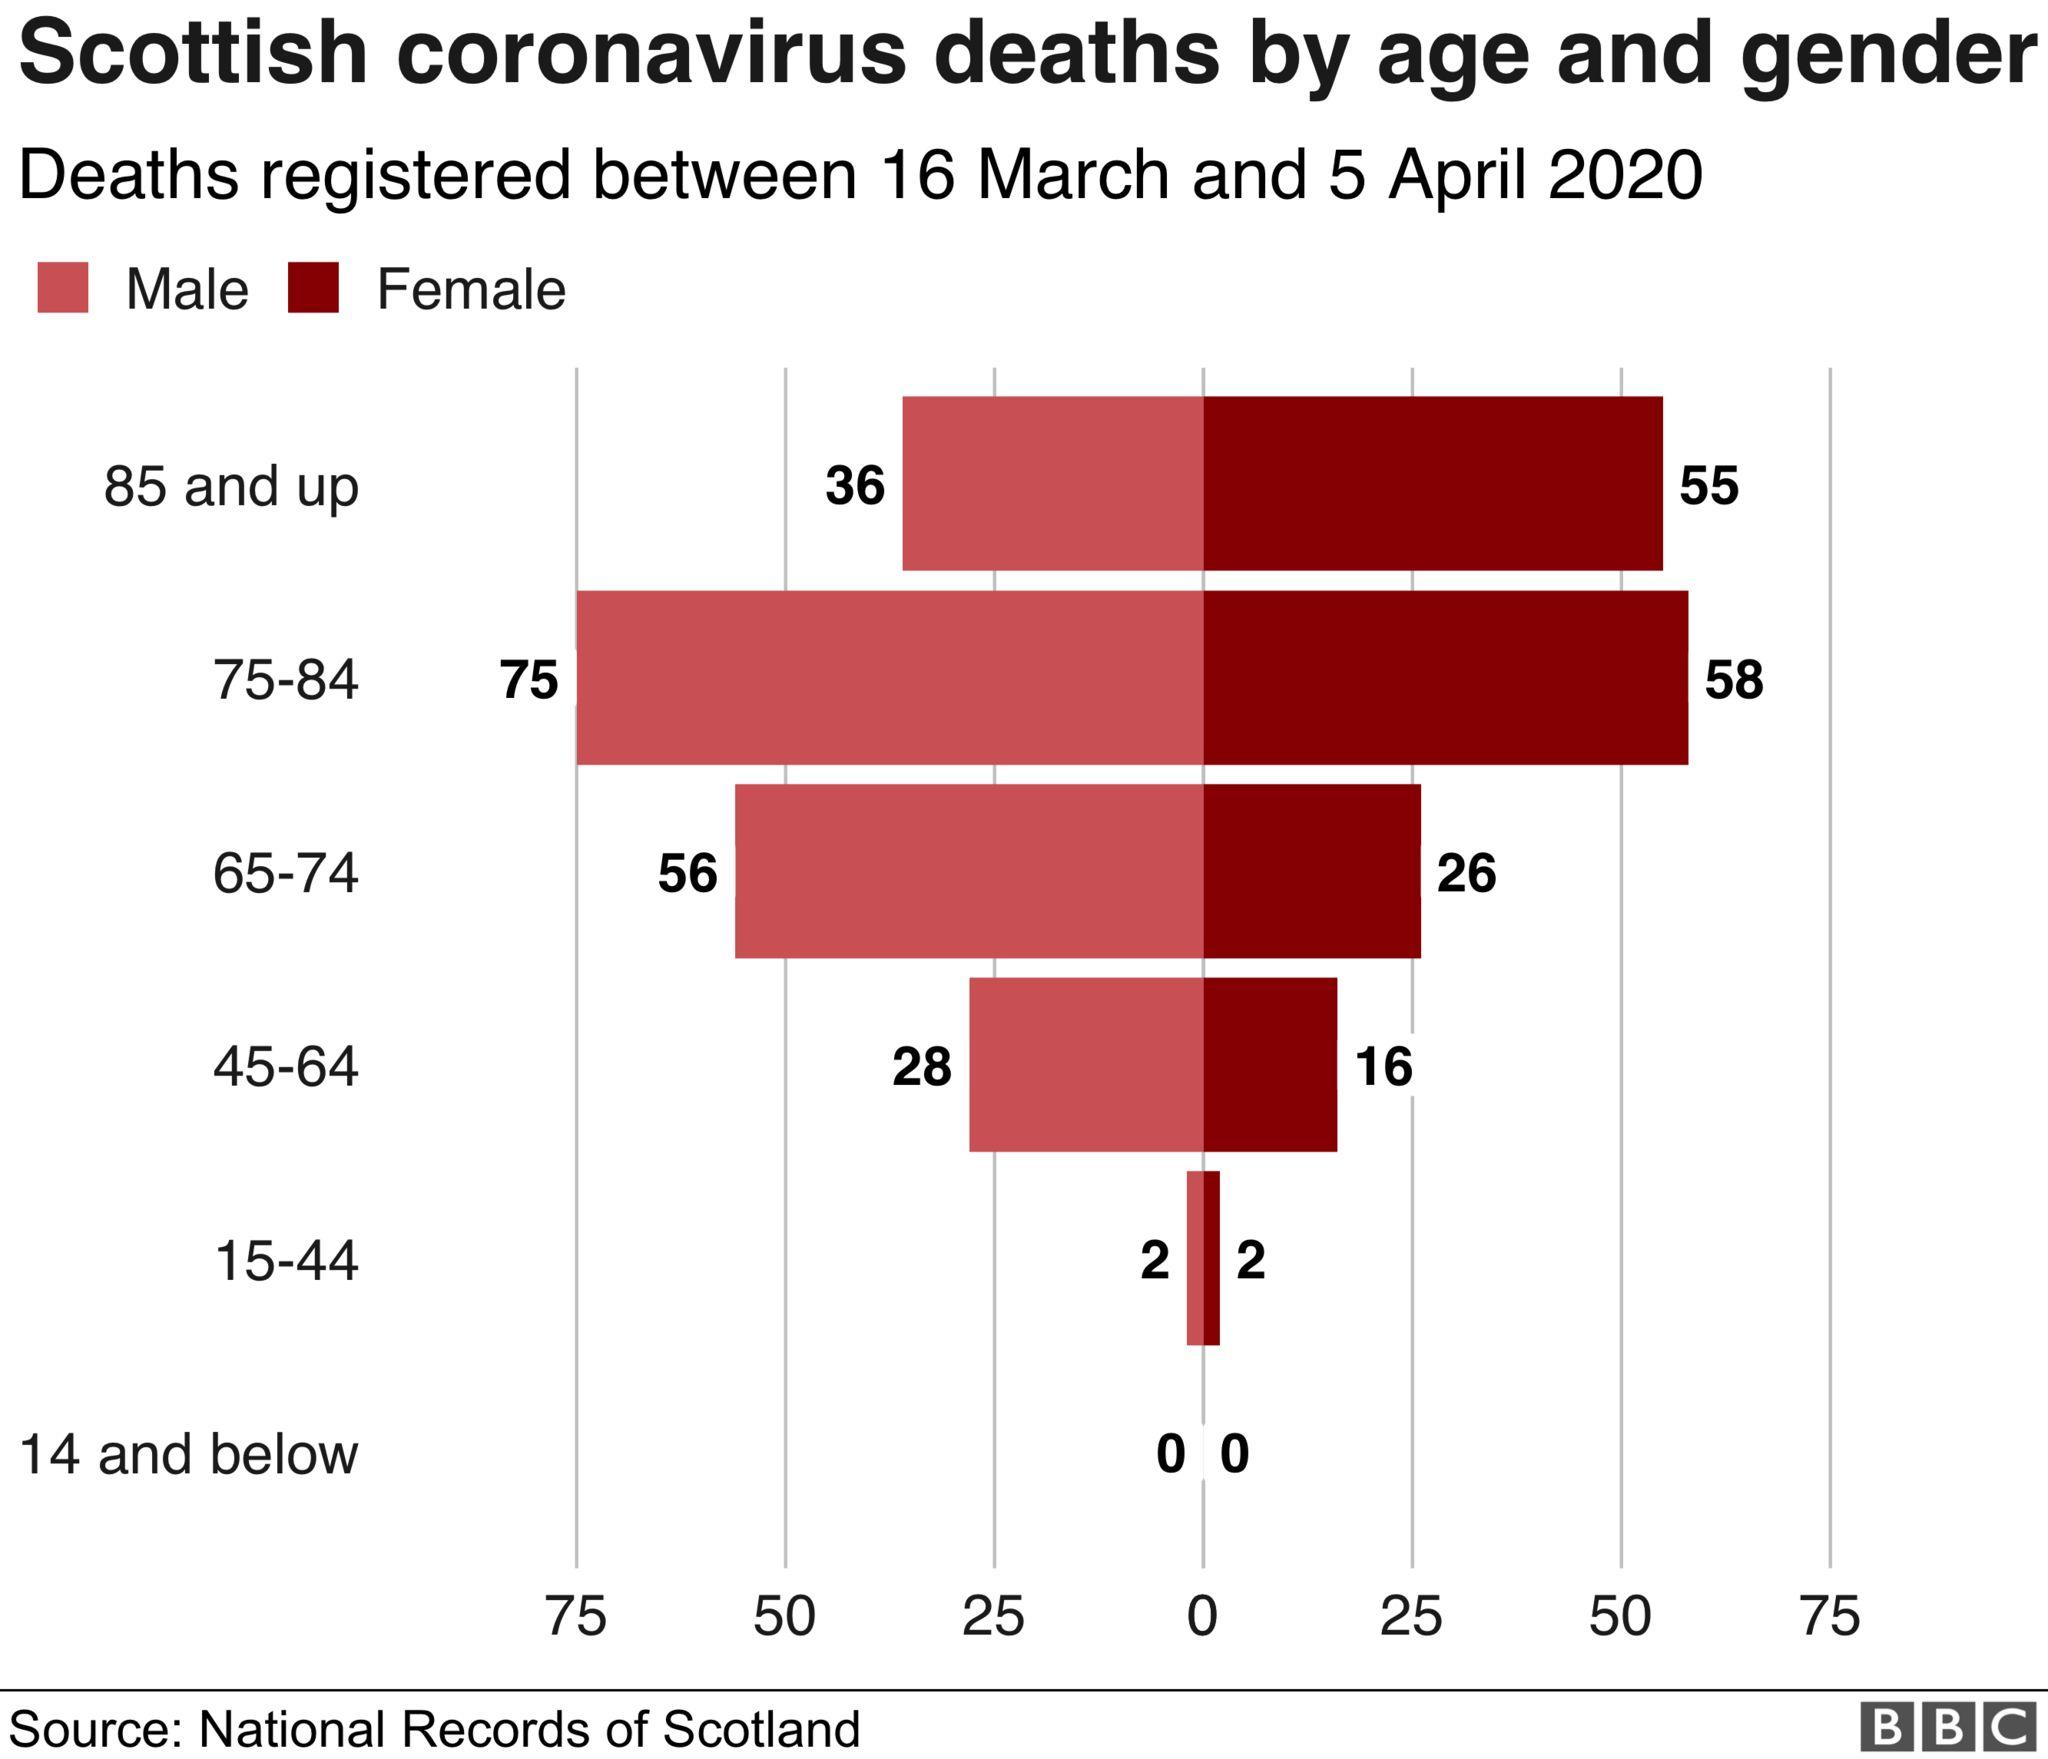 Age gender breakdown